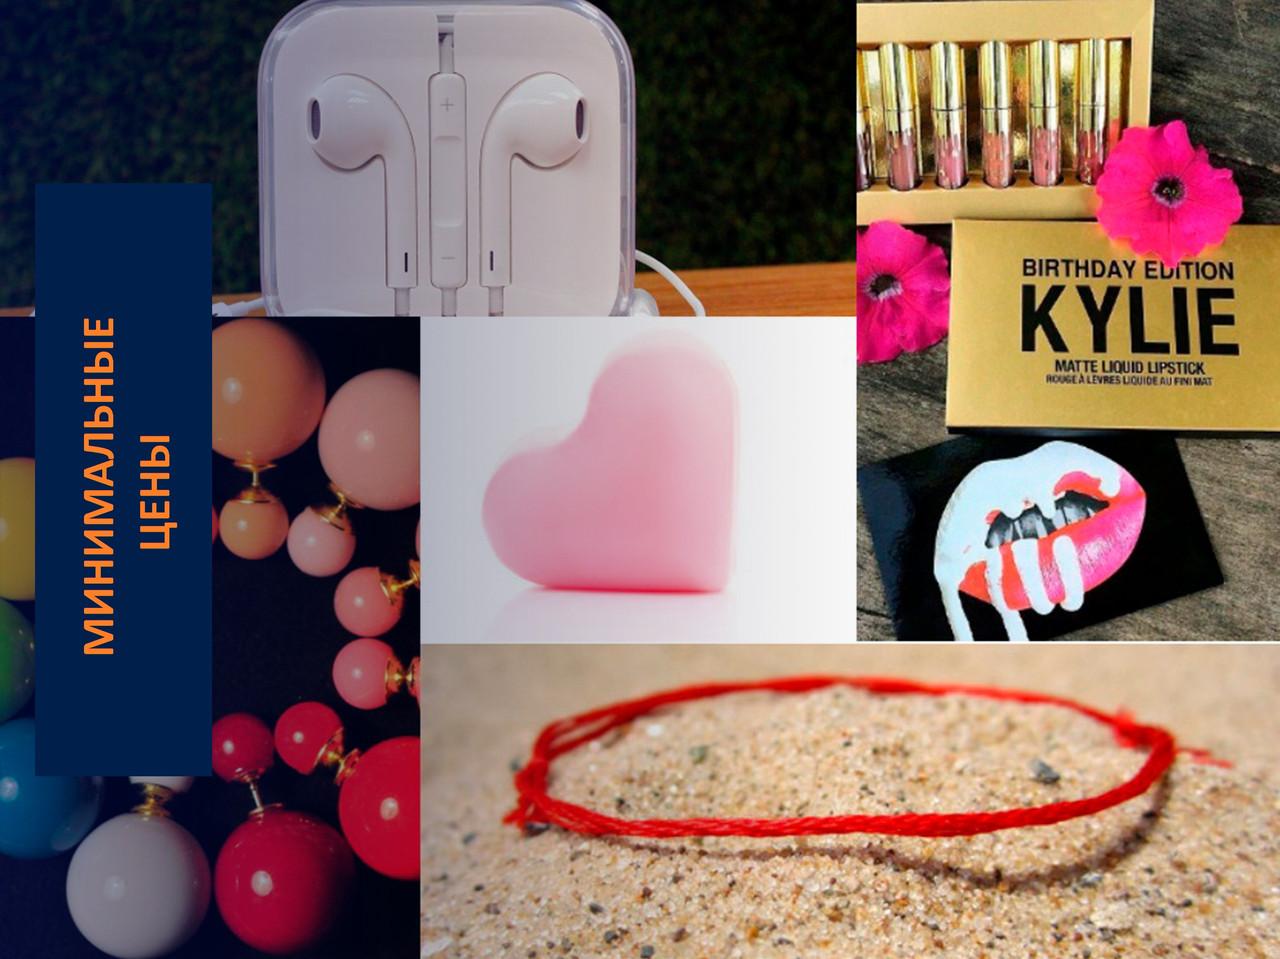 Женский набор № 6 (Набор матовых жидких помад Kylie Birthday Edition+Серьги-пуссеты Mise en Dior+Красная нить)